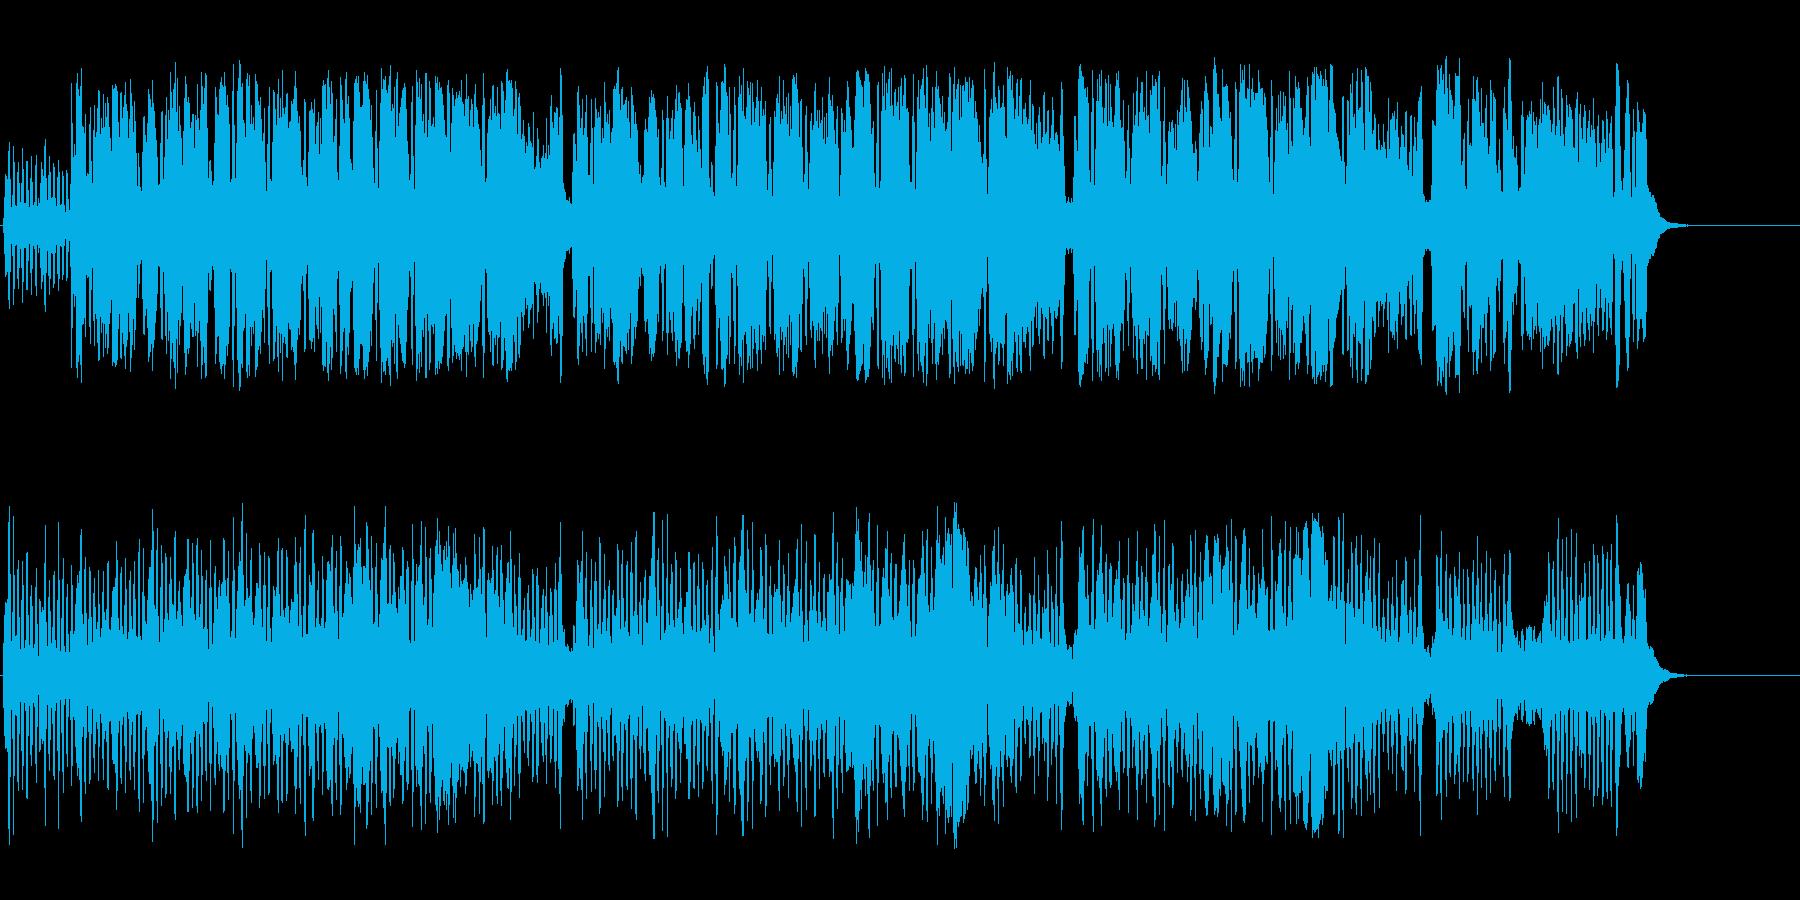 気品と格調が華やかな王室風弦楽四重奏の再生済みの波形